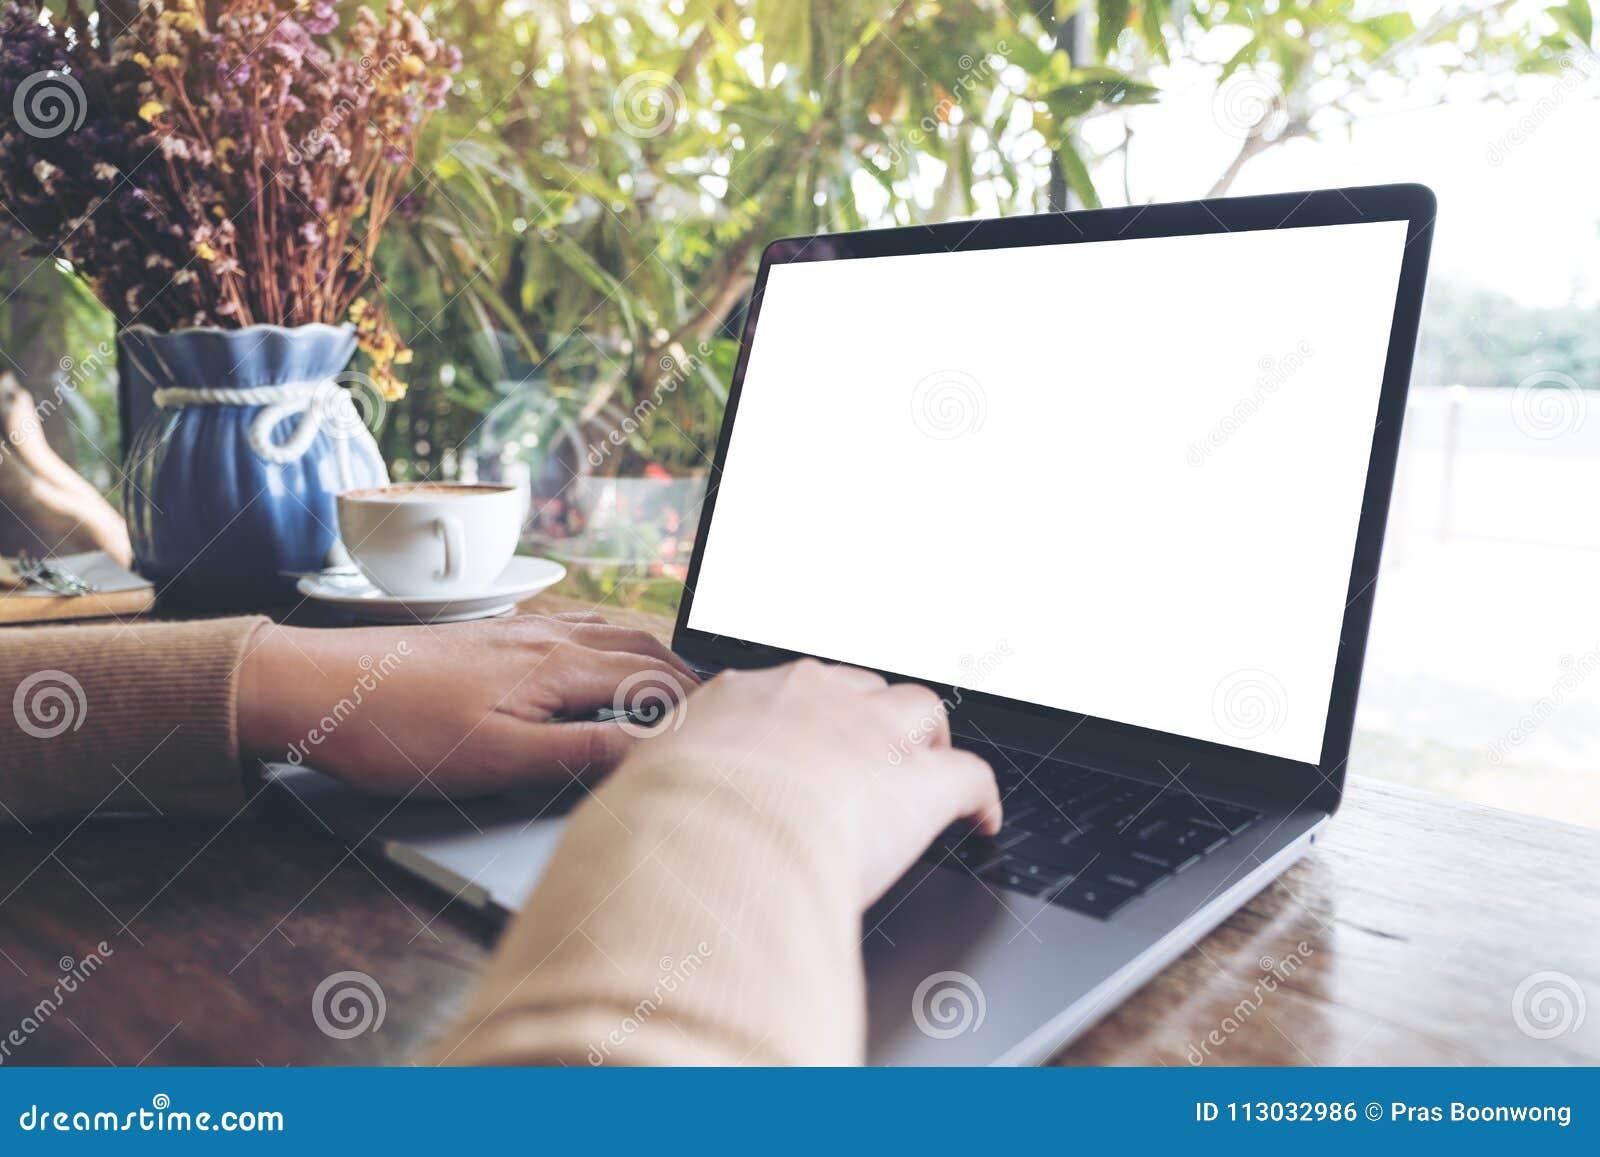 Imagen de la maqueta de manos usando y mecanografiando en el ordenador portátil con la pantalla de escritorio blanca en blanco en